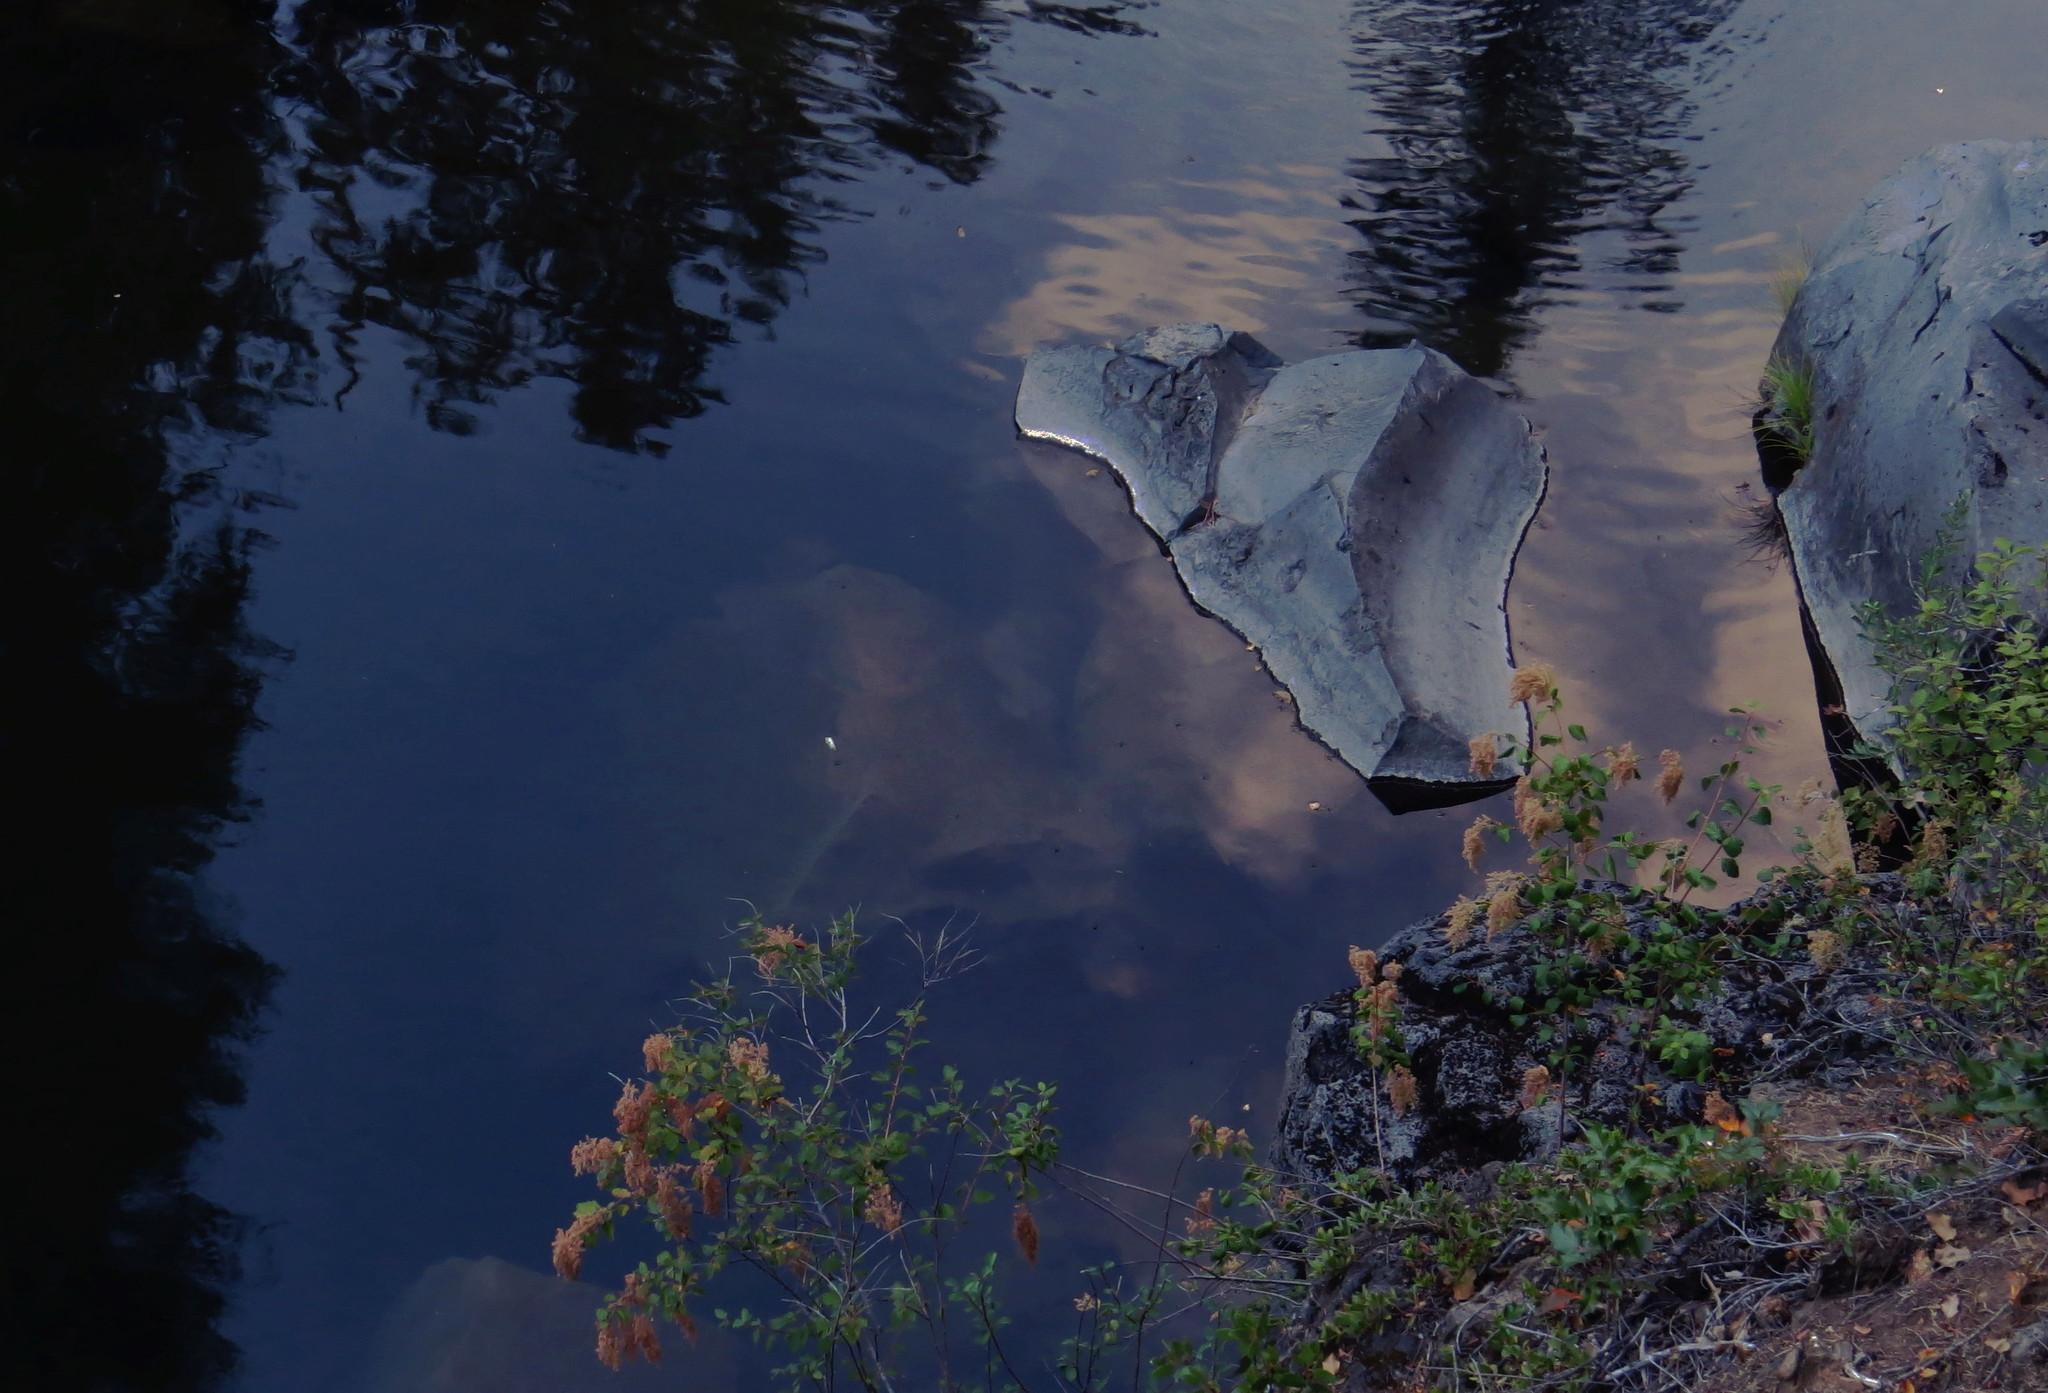 Rogue River, Oregon